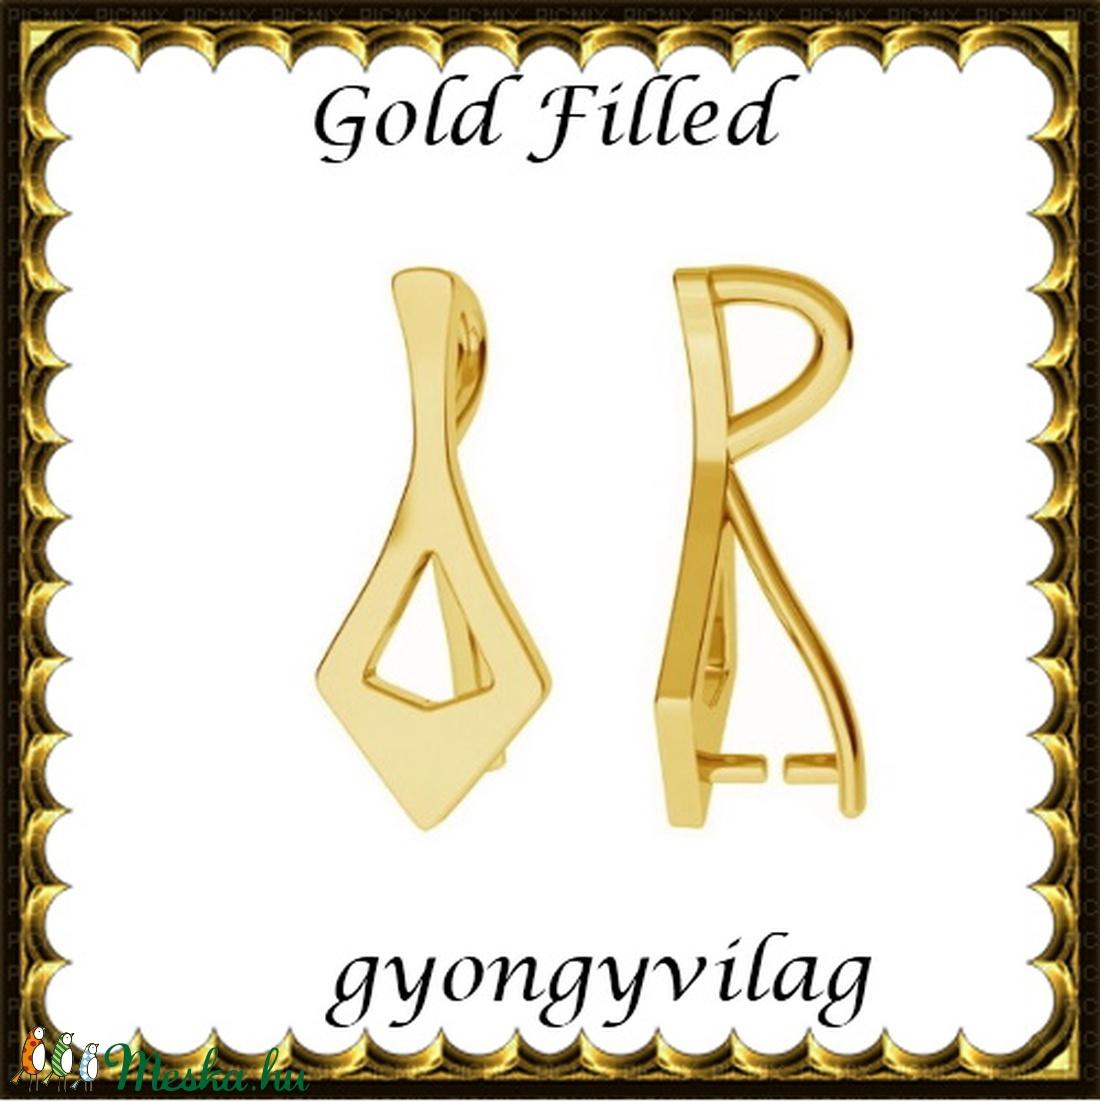 925-ös sterling ezüst ékszerkellék: medáltartó, medálkapocs EMK 86 g Gold Filled - gyöngy, ékszerkellék - egyéb alkatrész - Meska.hu